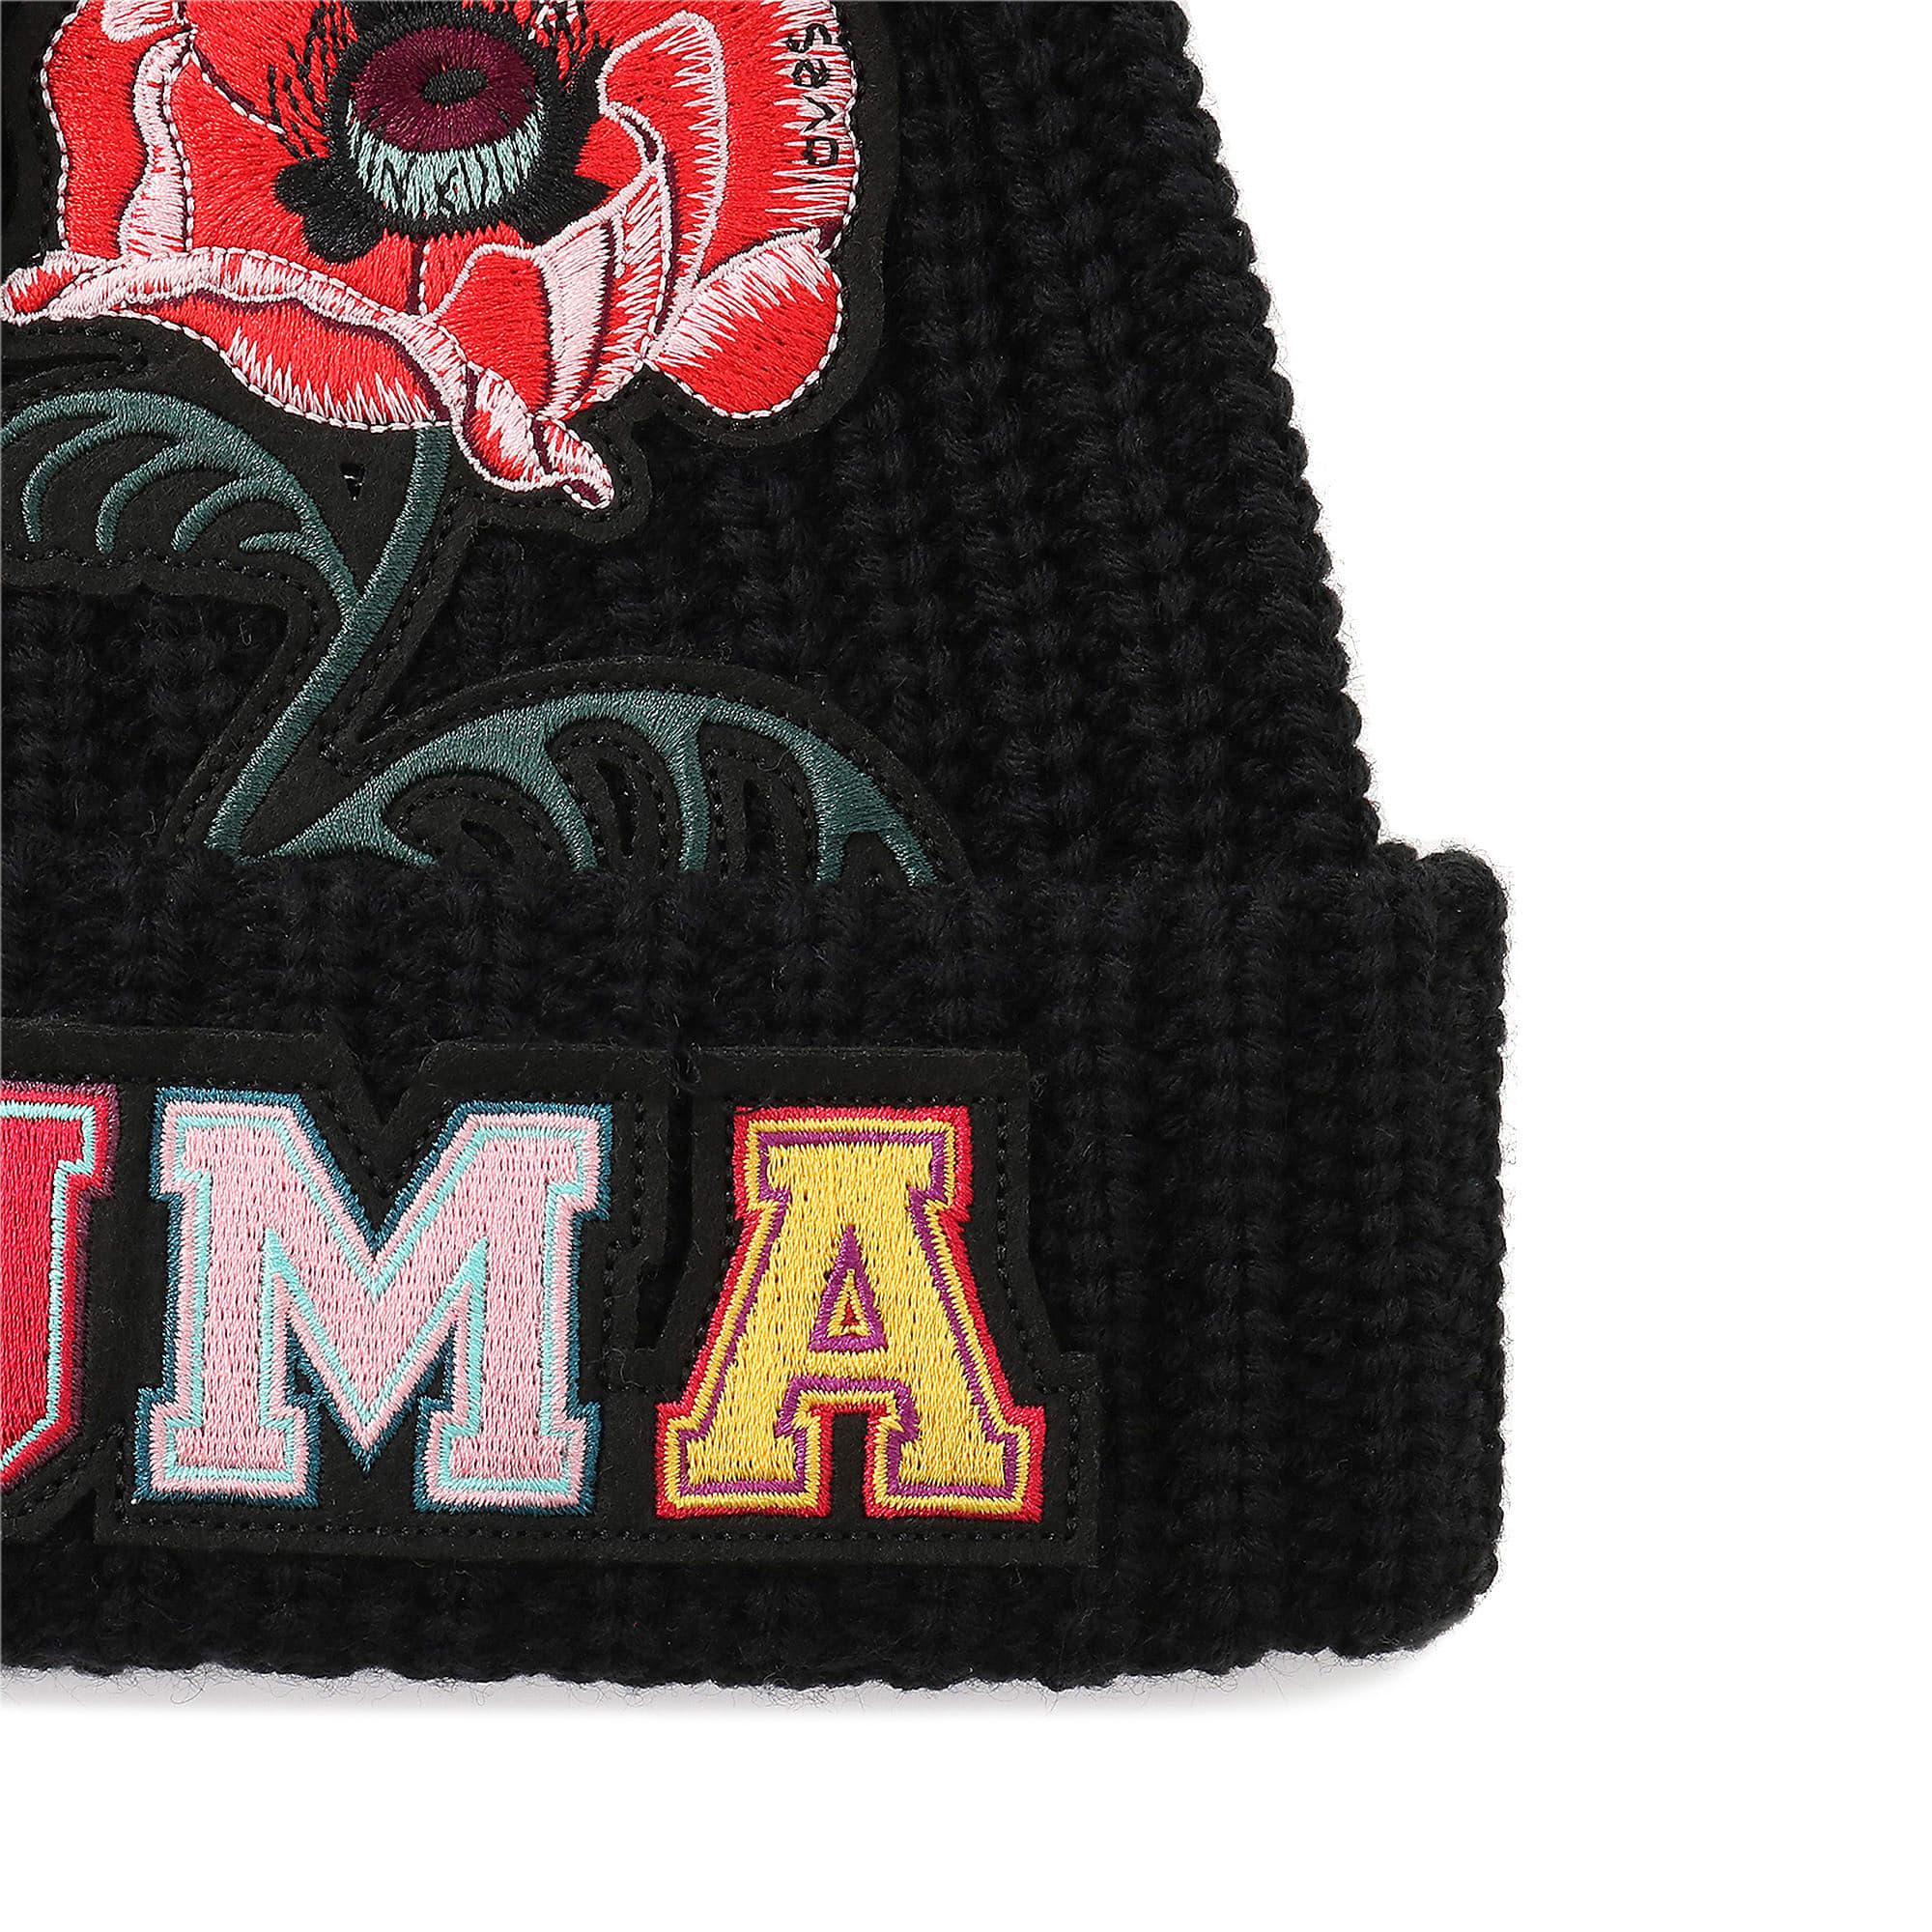 Thumbnail 5 of PUMA x SUE TSAI ウィメンズ ビーニー, Puma Black, medium-JPN